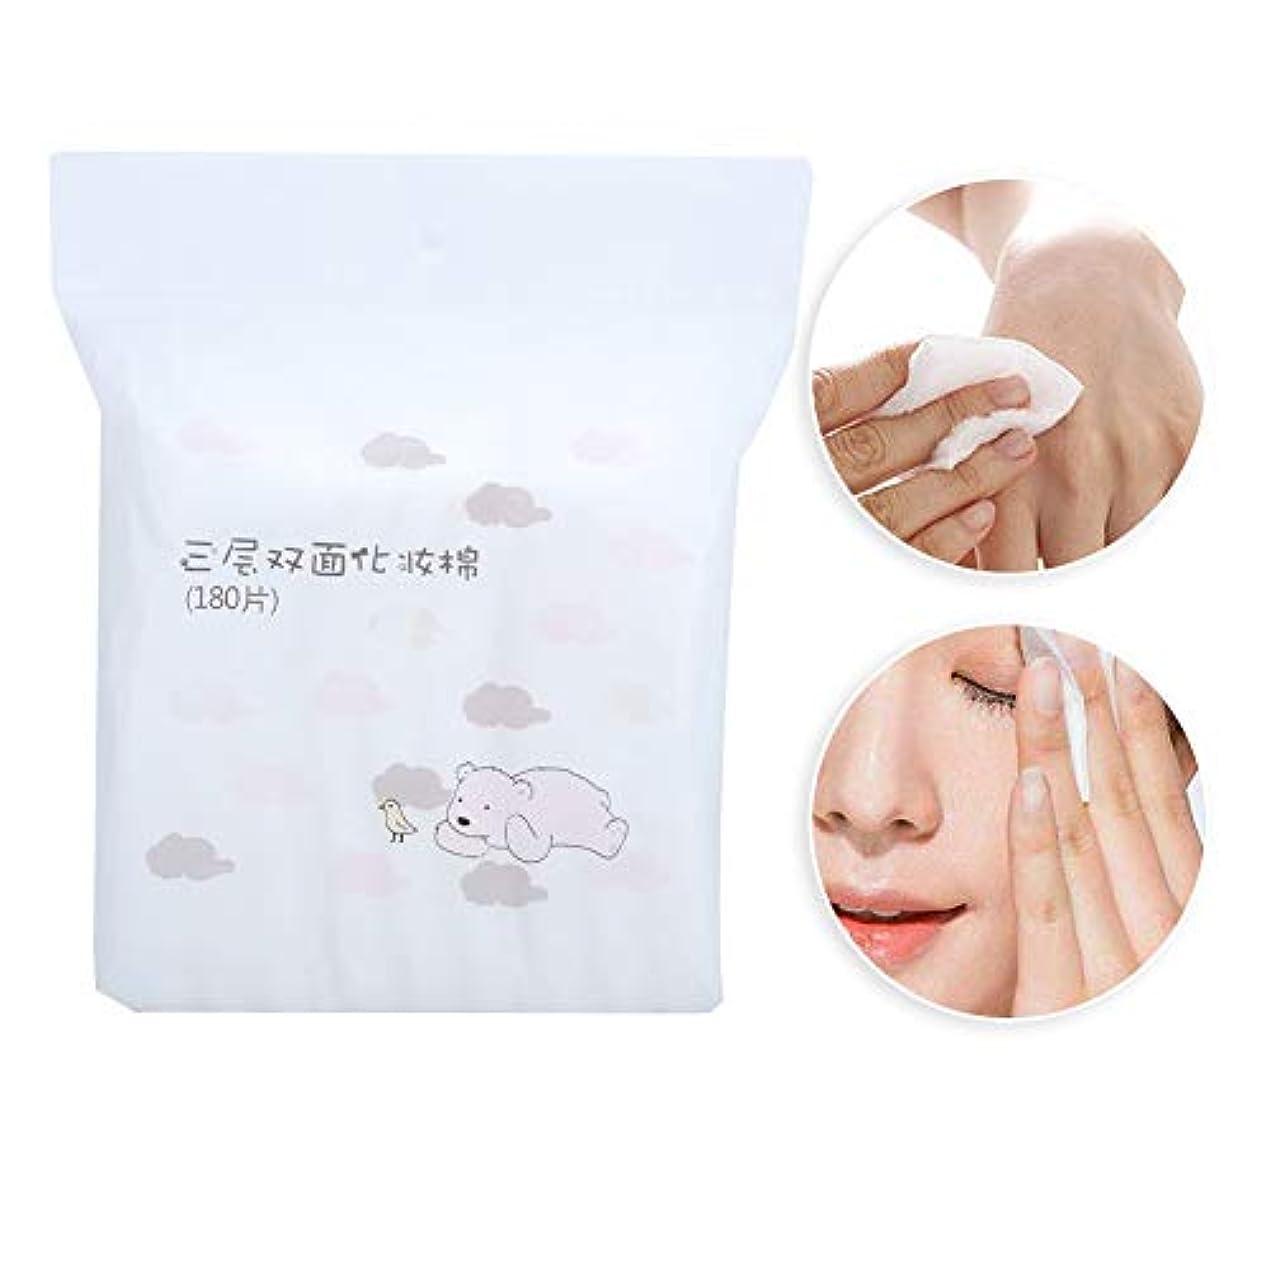 印刷するビュッフェクレジット180ピース バッグ化粧 コットン パッドリムーバー 化粧品ツール クレンジングワイプ スキンケア